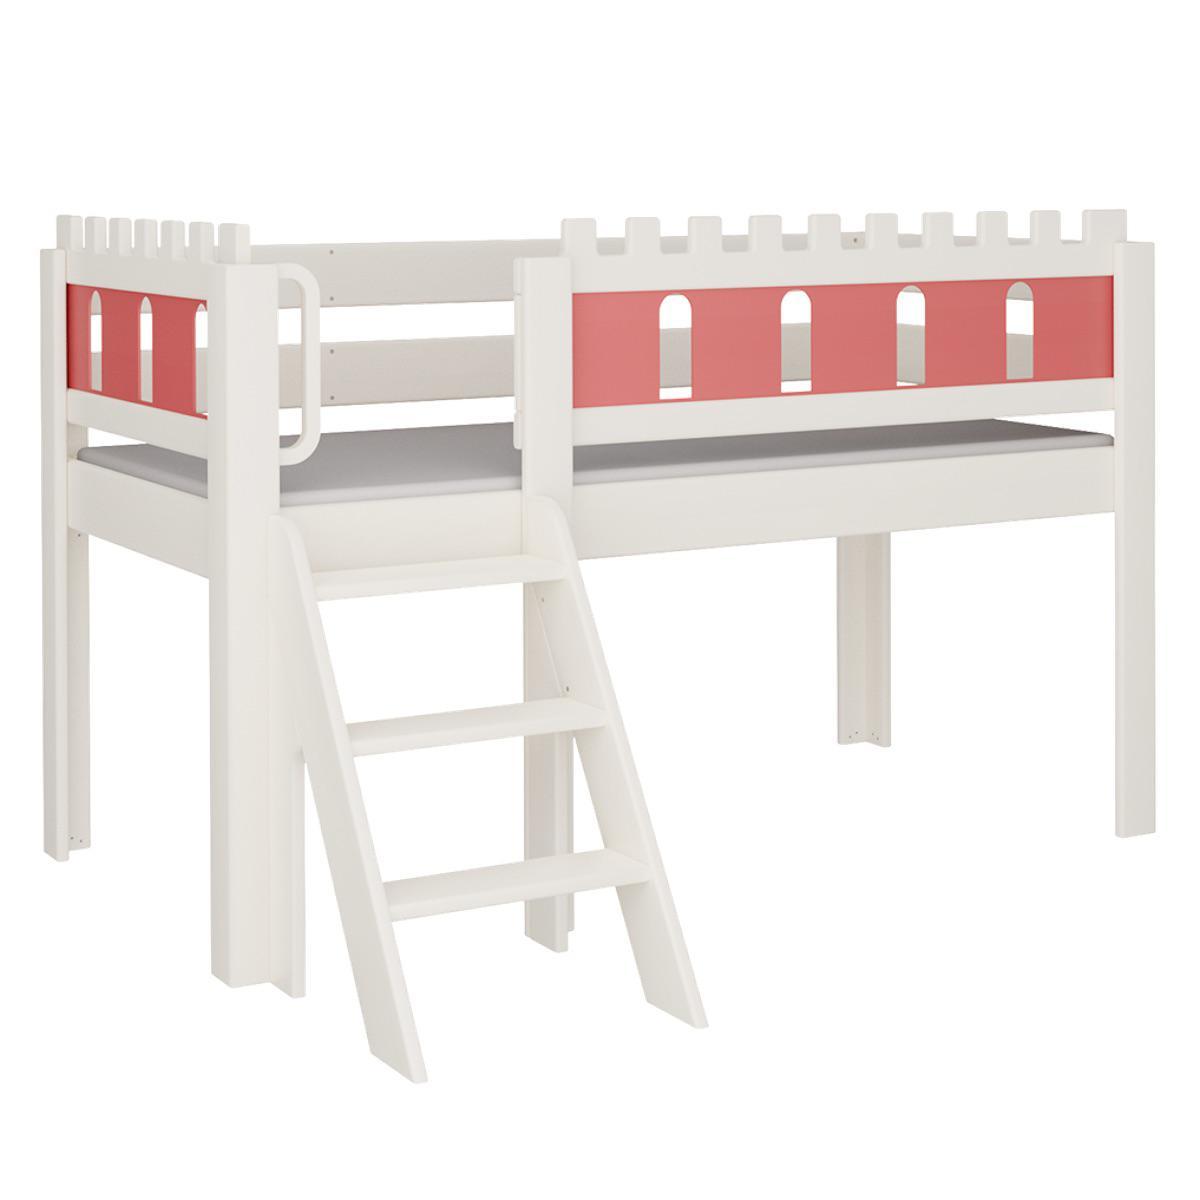 Burg halbhohes Bett mit Treppe DELUXE De Breuyn weiß Füllungen rot